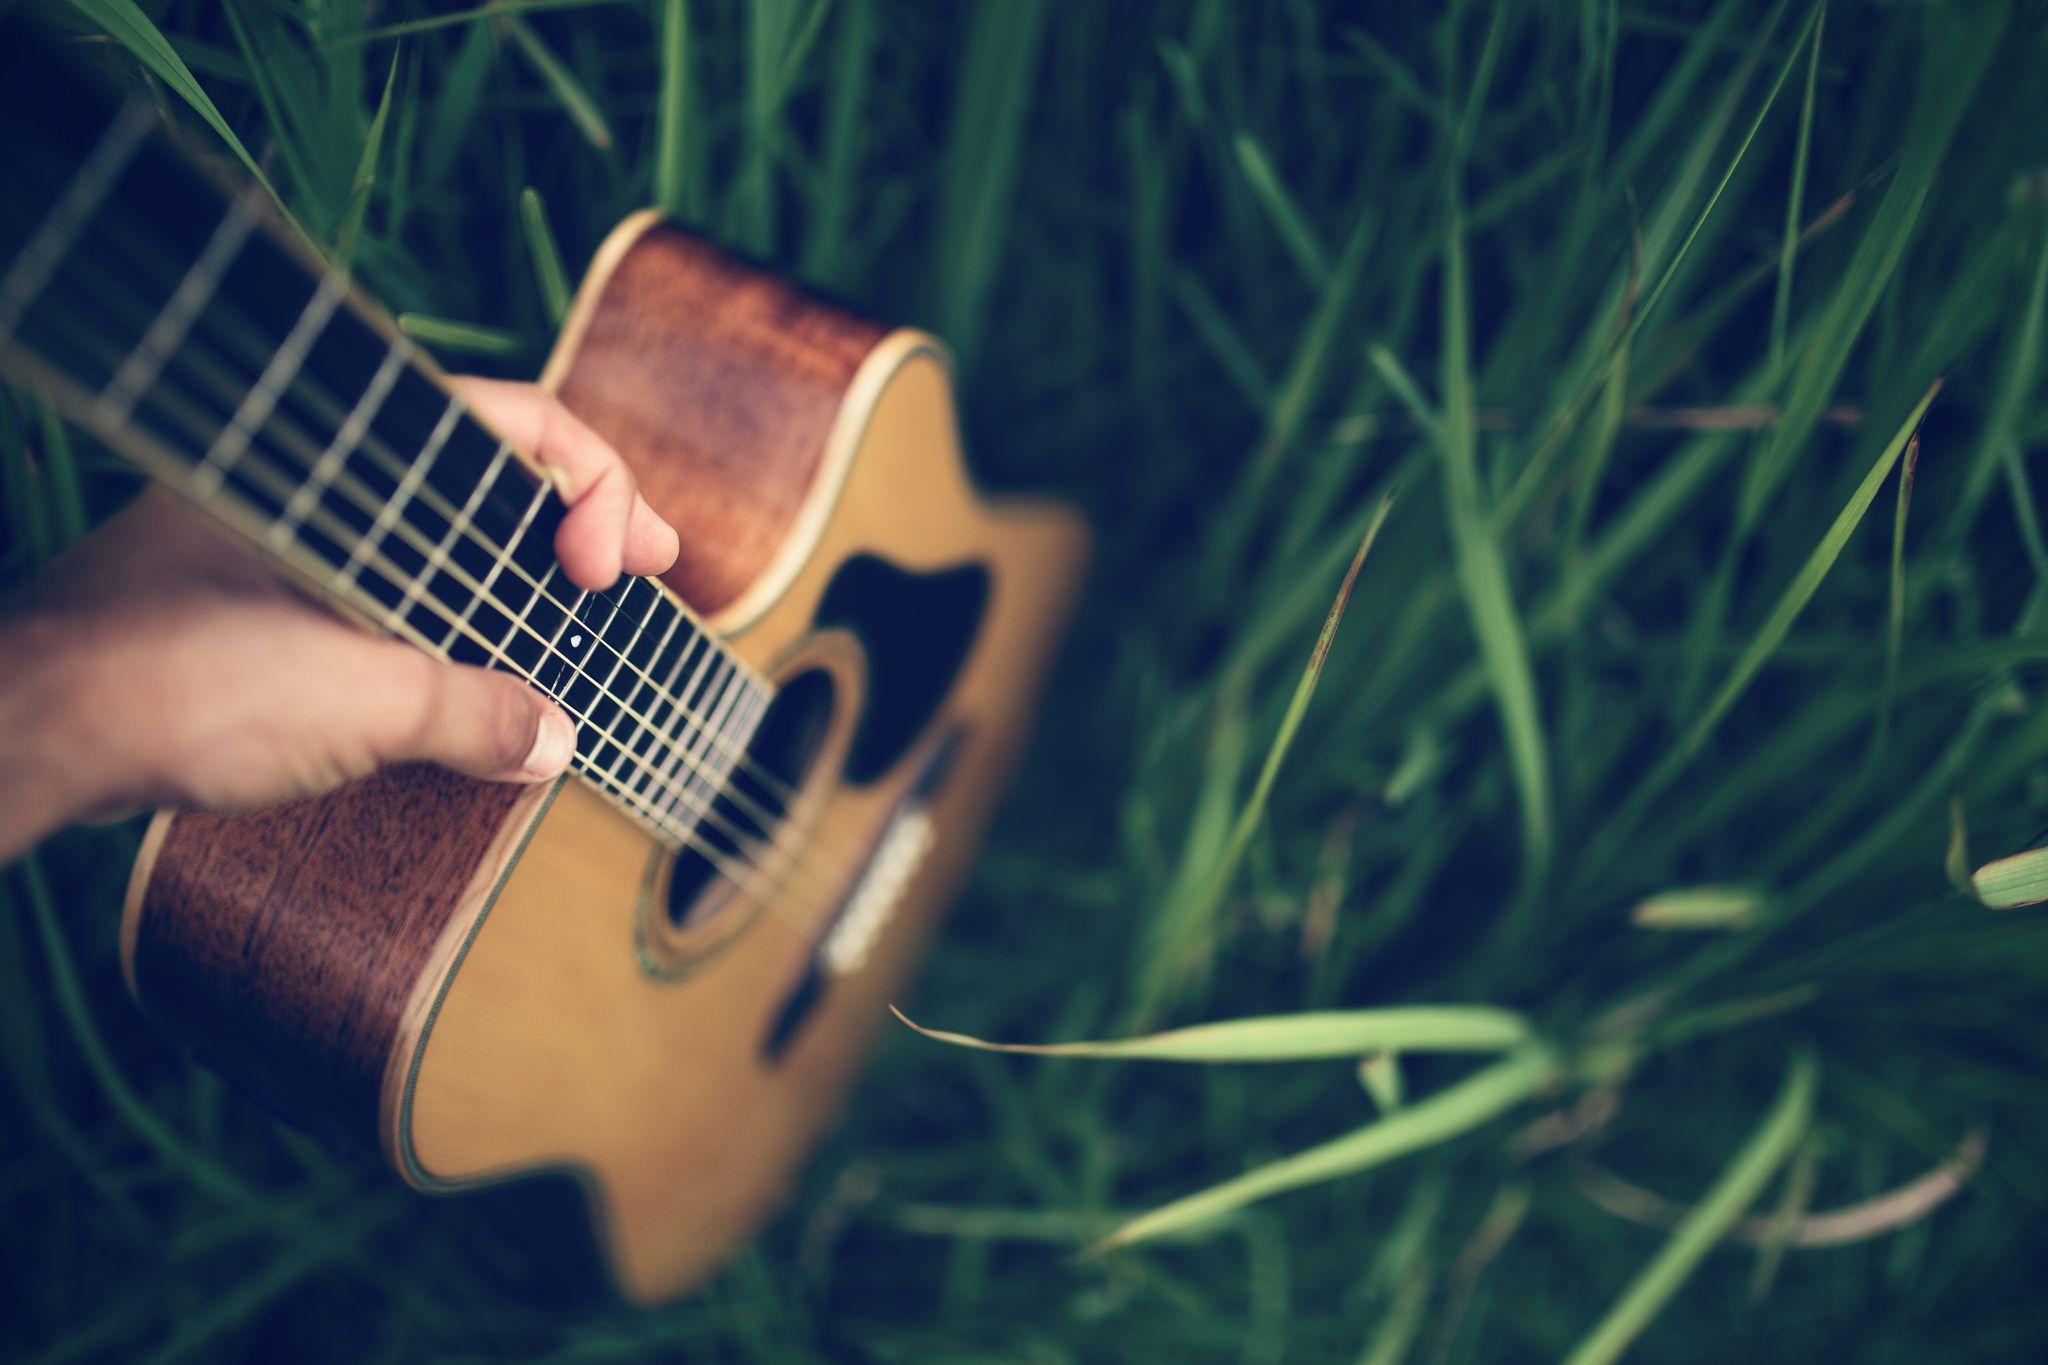 парень гитара мужчина природа дерево  № 3470118 бесплатно